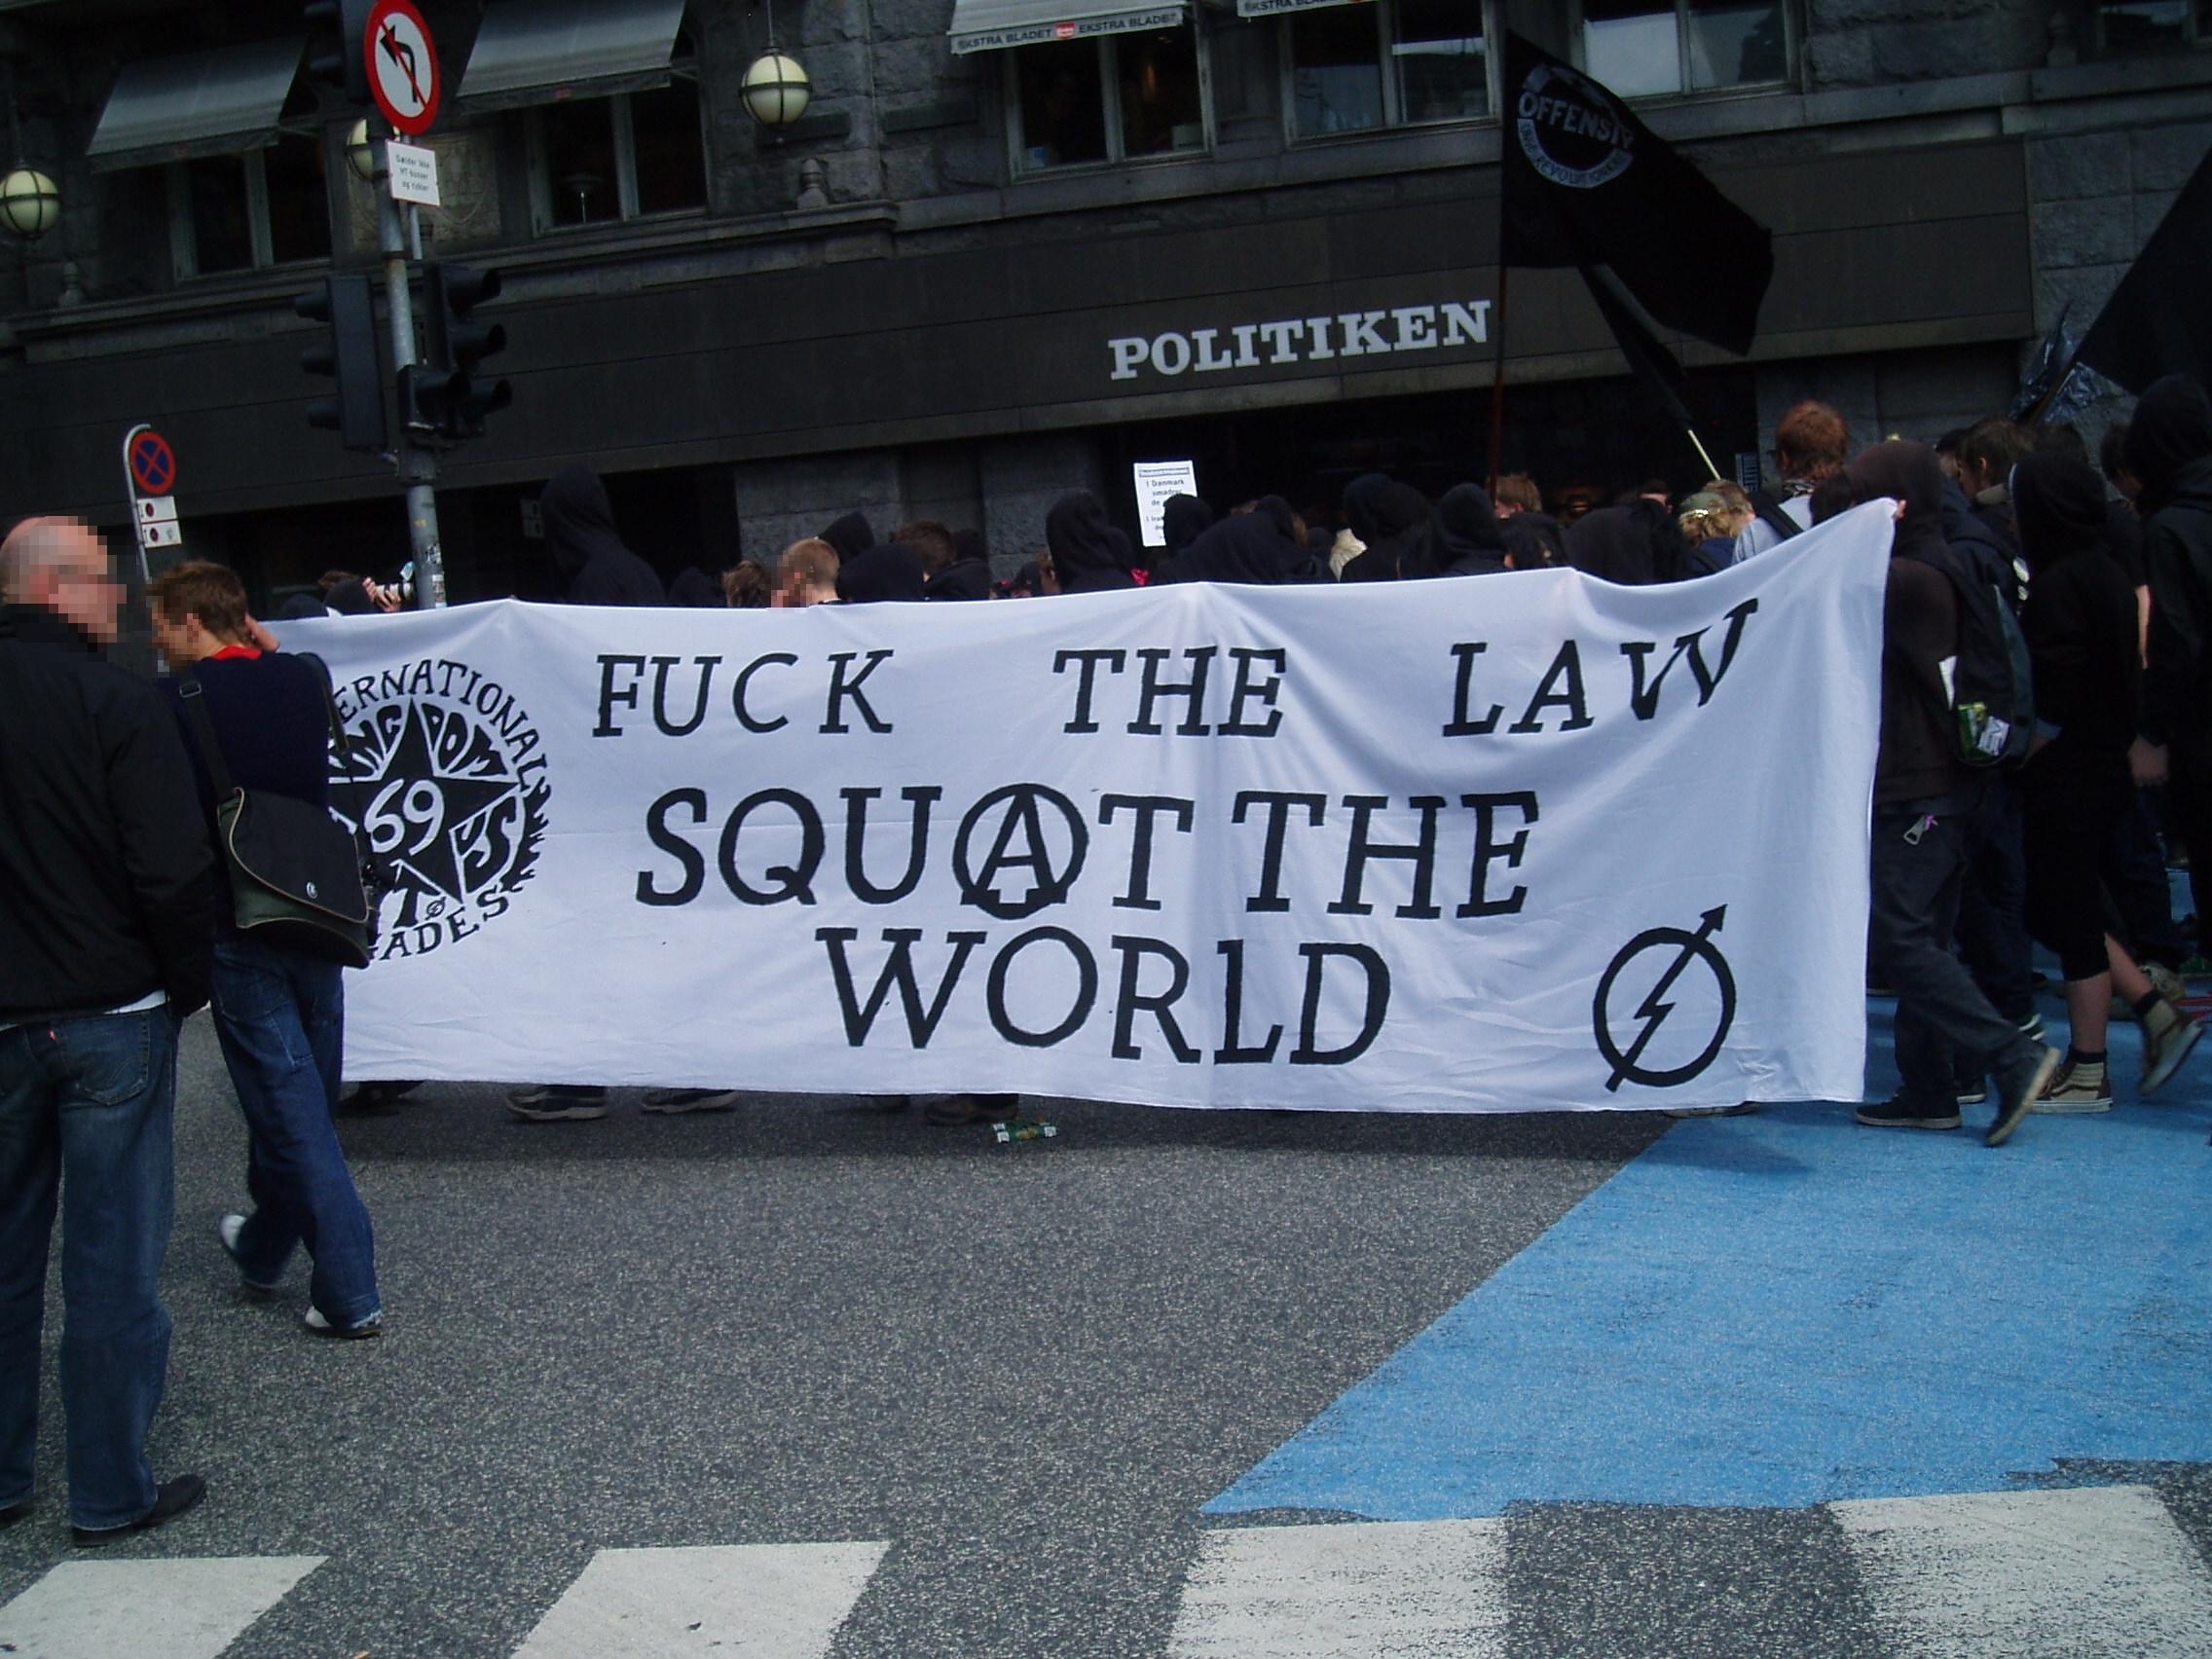 Squat the world - Quelle: Wikimedia